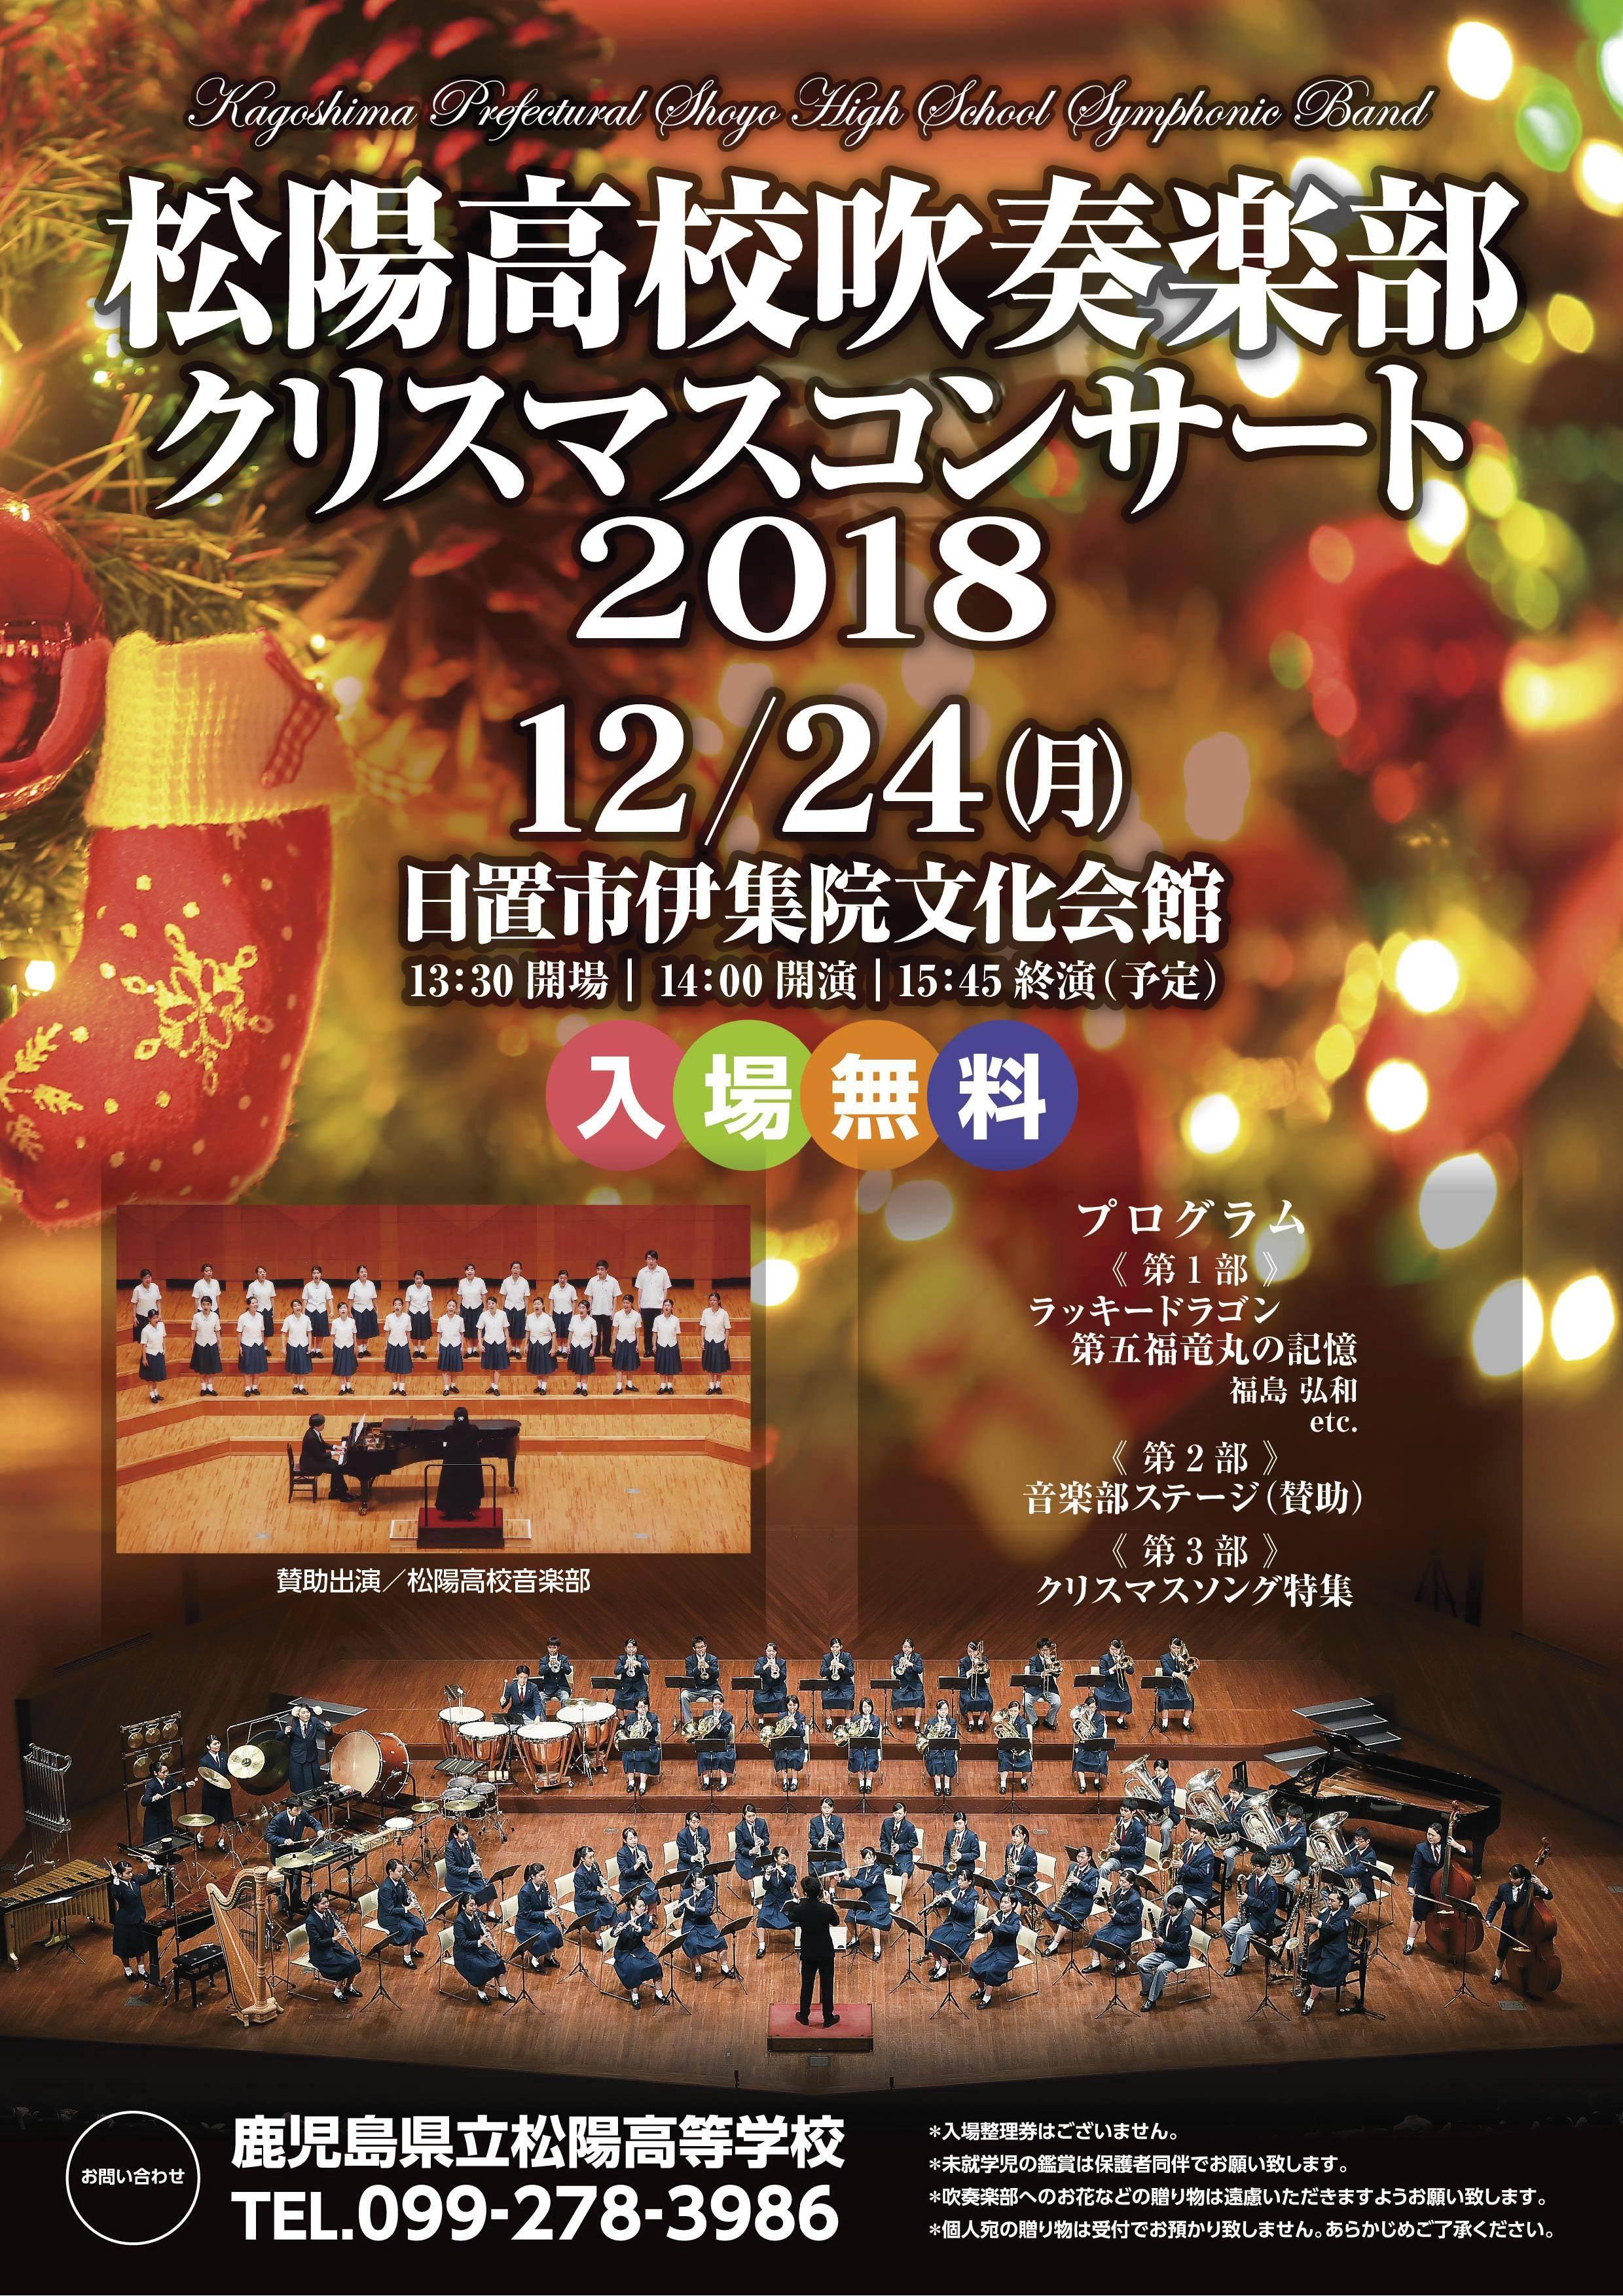 鹿児島県立松陽高等学校吹奏楽部クリスマスコンサート2018